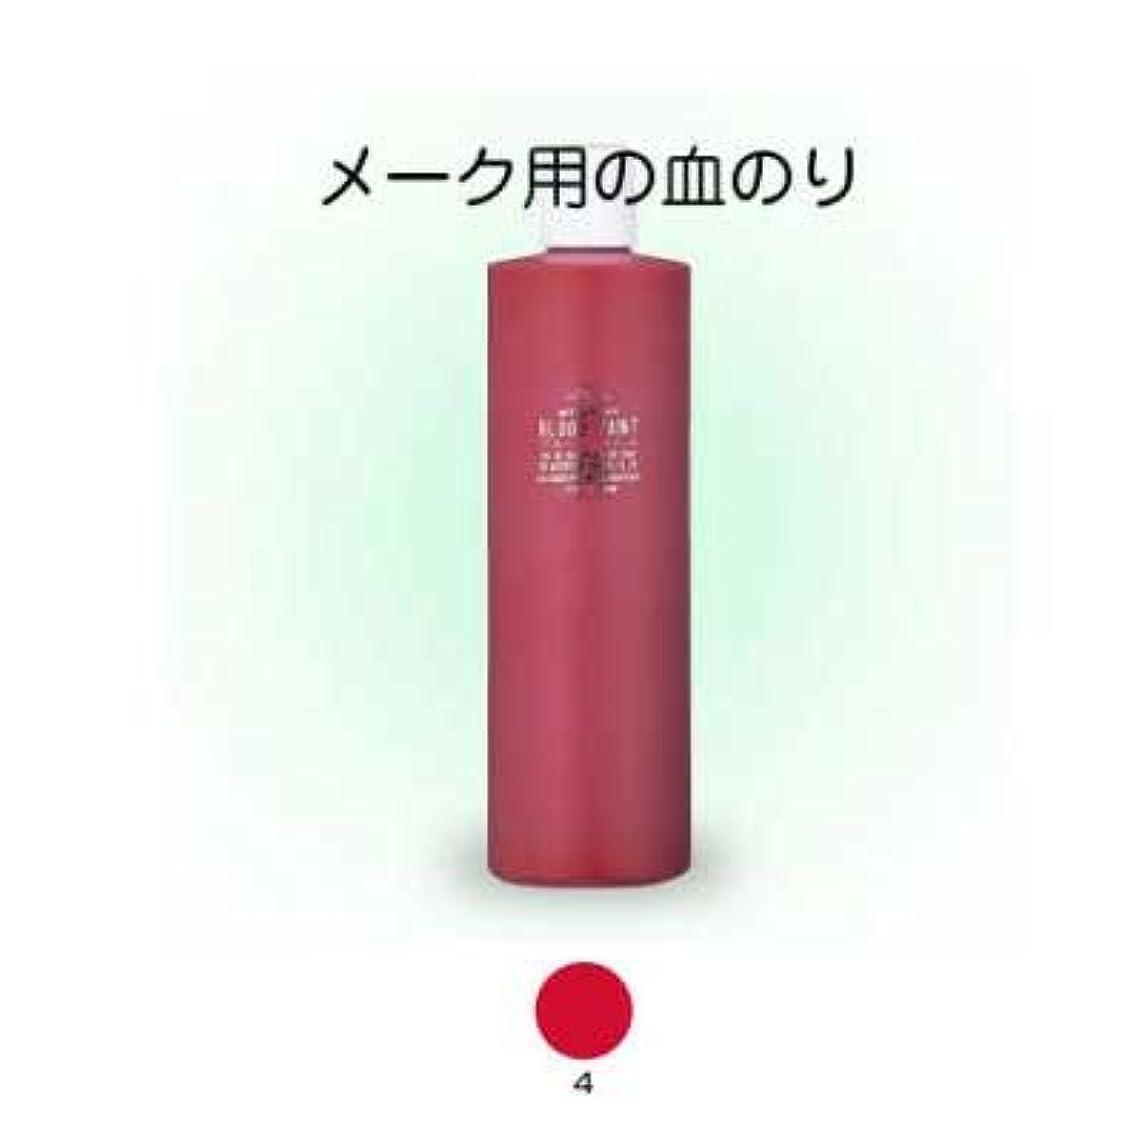 リールグラマータイルブロードペイント(メークアップ用の血のり)500ml 4【三善】